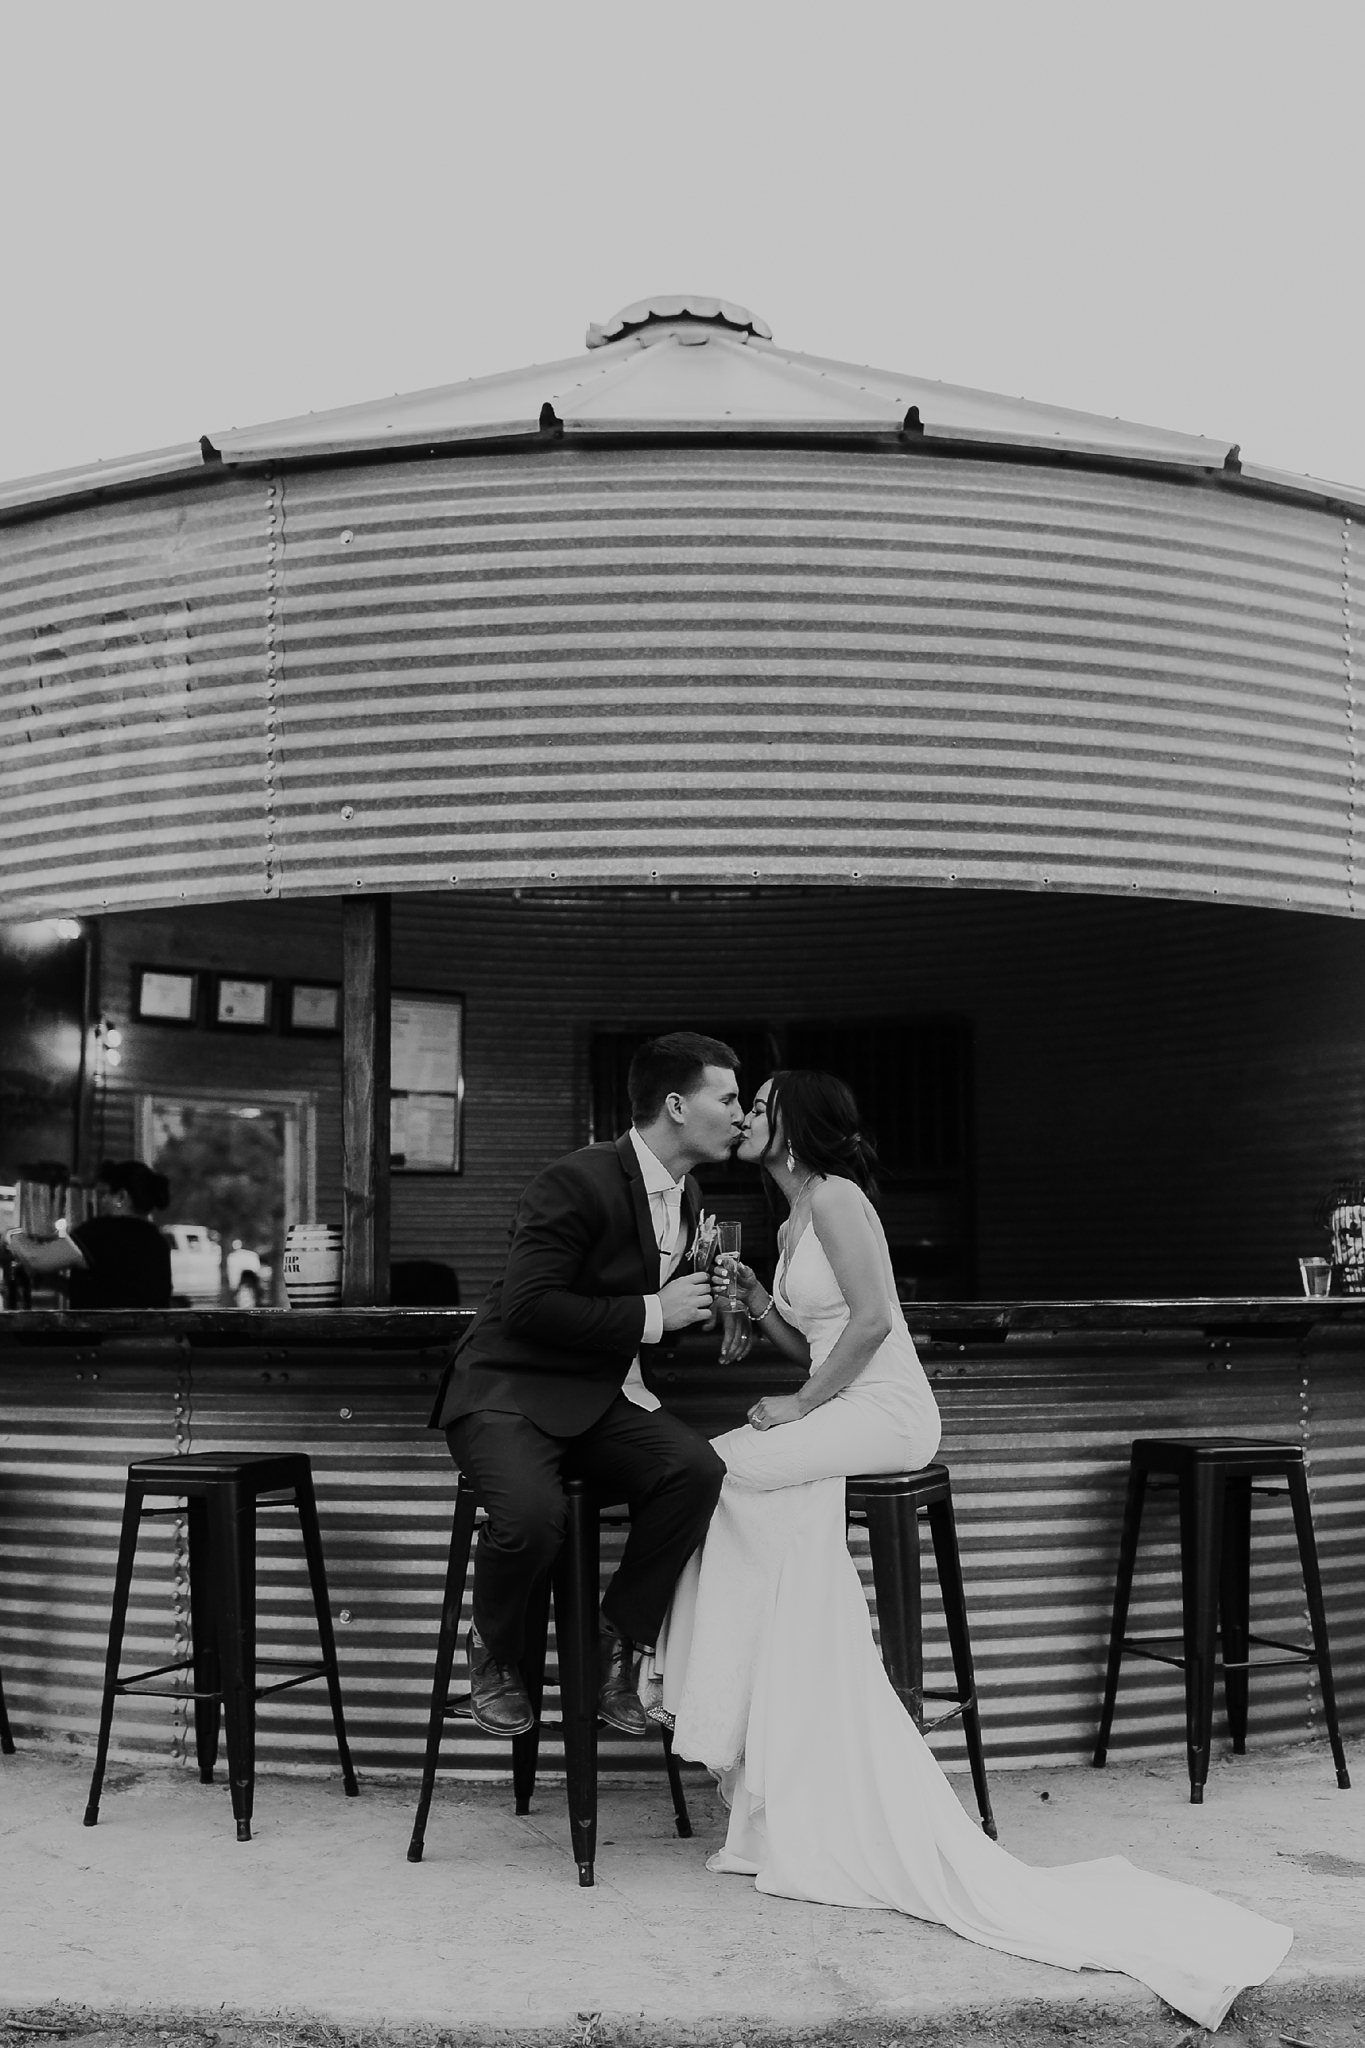 Alicia+lucia+photography+-+albuquerque+wedding+photographer+-+santa+fe+wedding+photography+-+new+mexico+wedding+photographer+-+new+mexico+wedding+-+new+mexico+wedding+-+barn+wedding+-+enchanted+vine+barn+wedding+-+ruidoso+wedding_0159.jpg